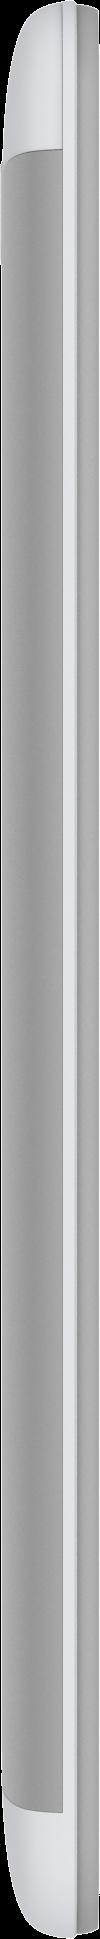 Планшет Archos 80d Xenon - 4